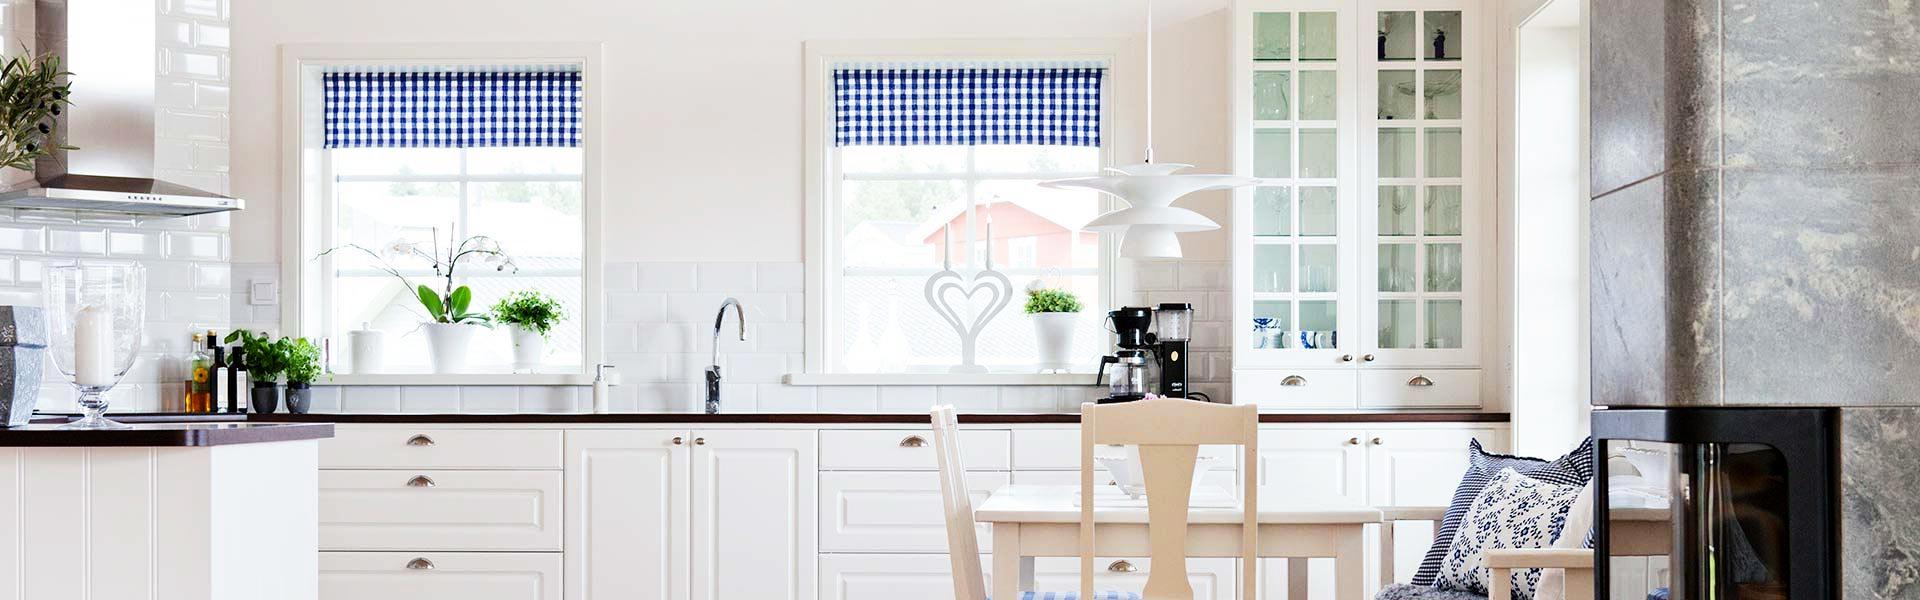 Faire Un Banc Avec Meuble Ikea quelle salle à manger ikea ? 12 modèles pour tous les goûts